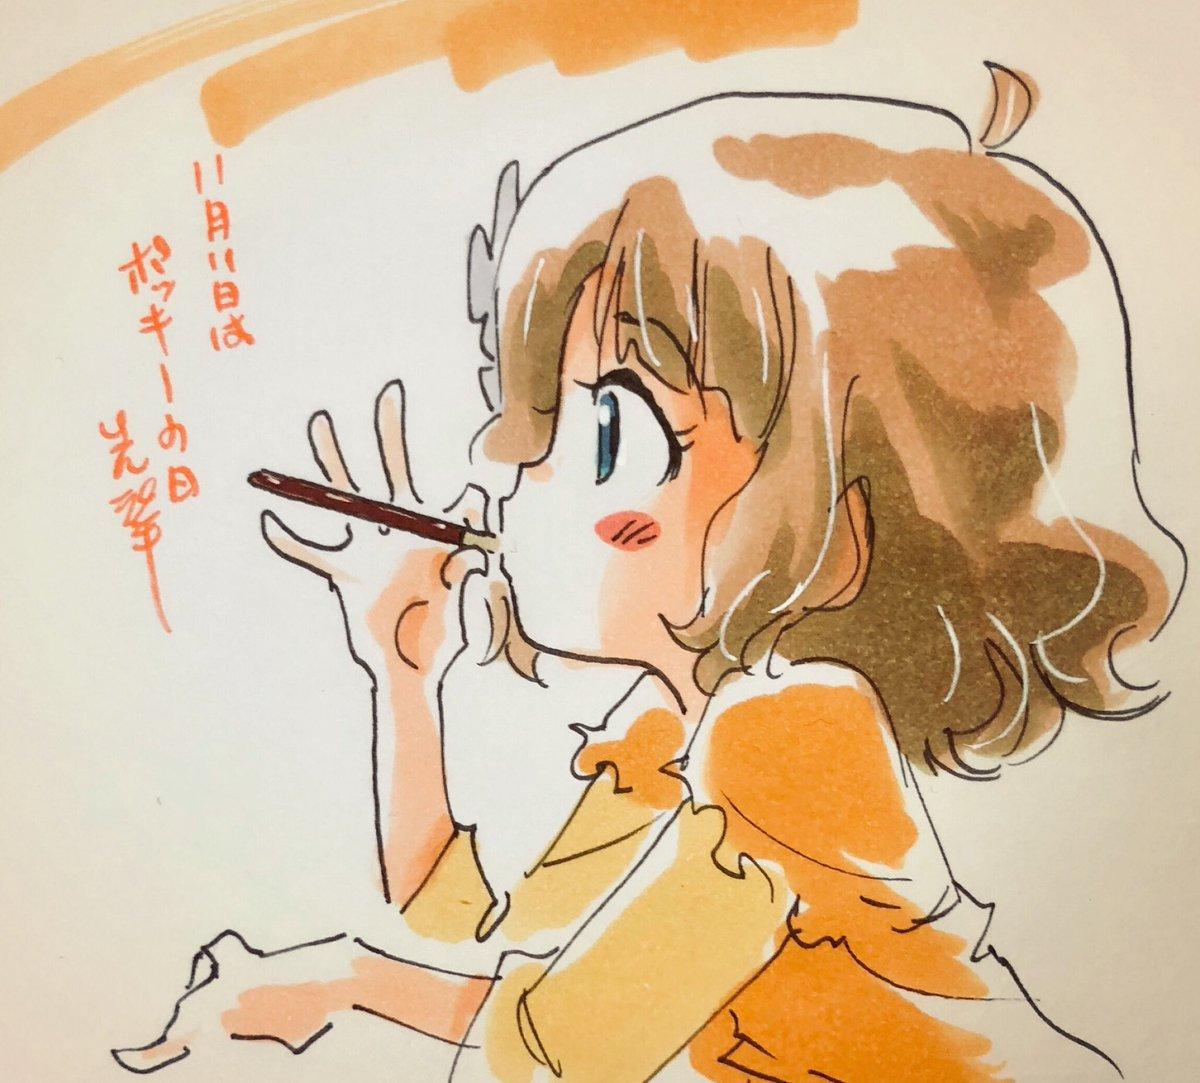 今日の桃子ちゃんセンパイ。のラクガキ。11月11日はポッキーの日センパイ。